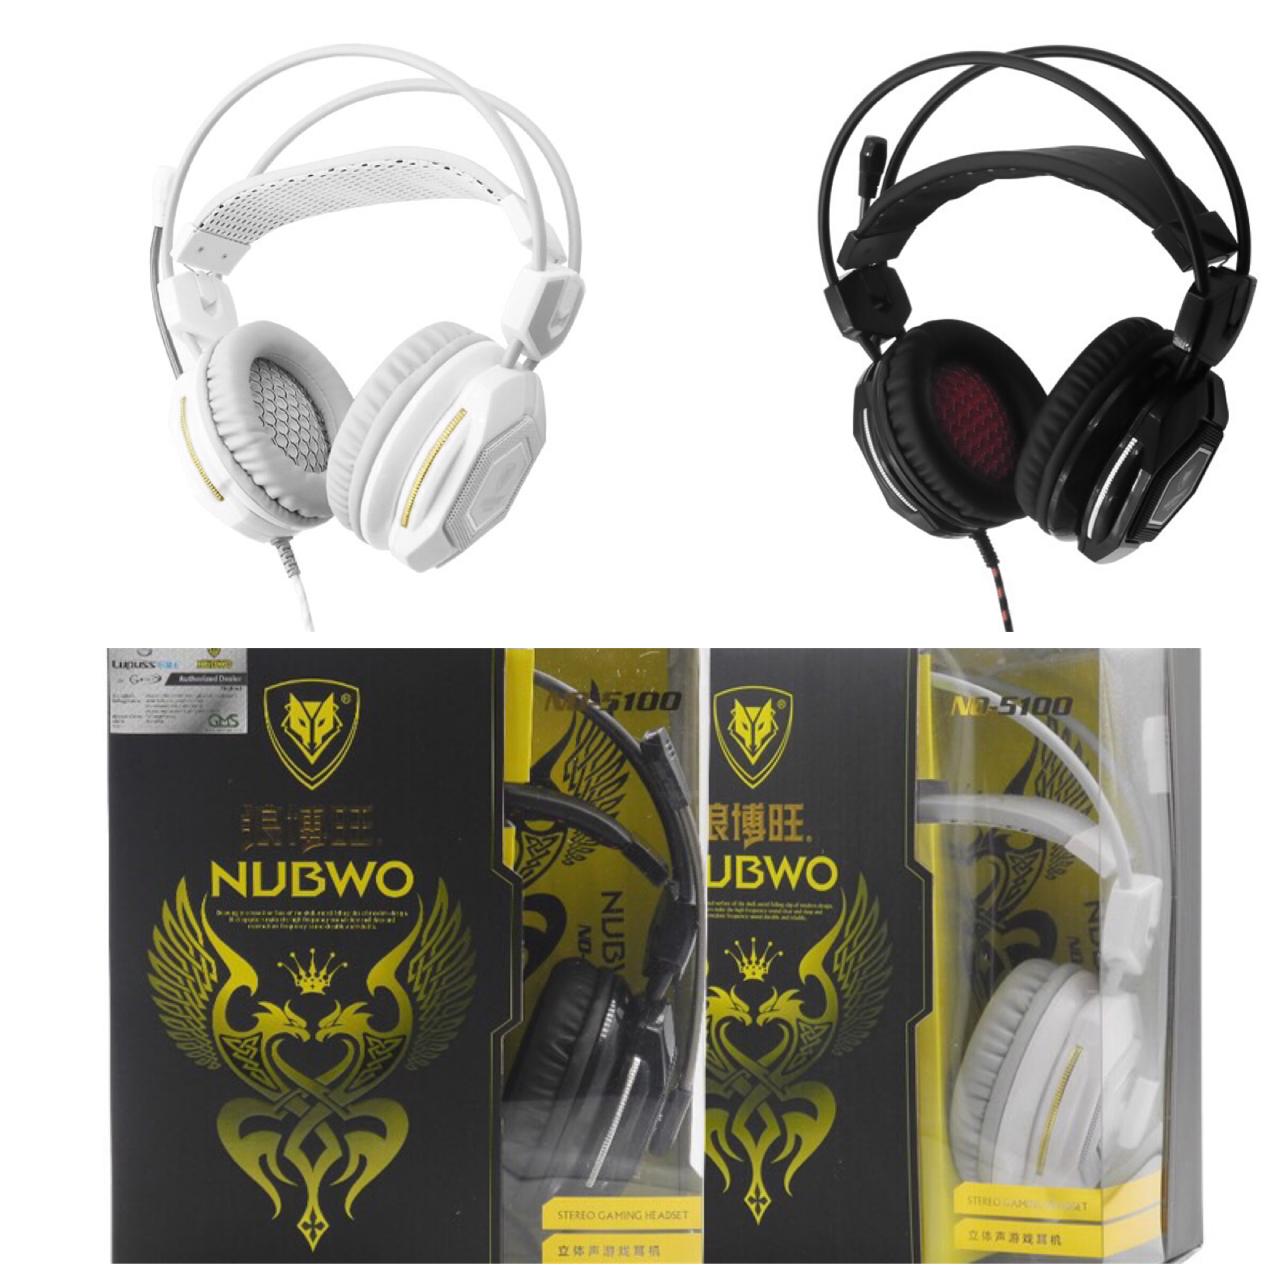 หูฟังครอบหู คอมพิวเตอร์ NUBWO NO-5100